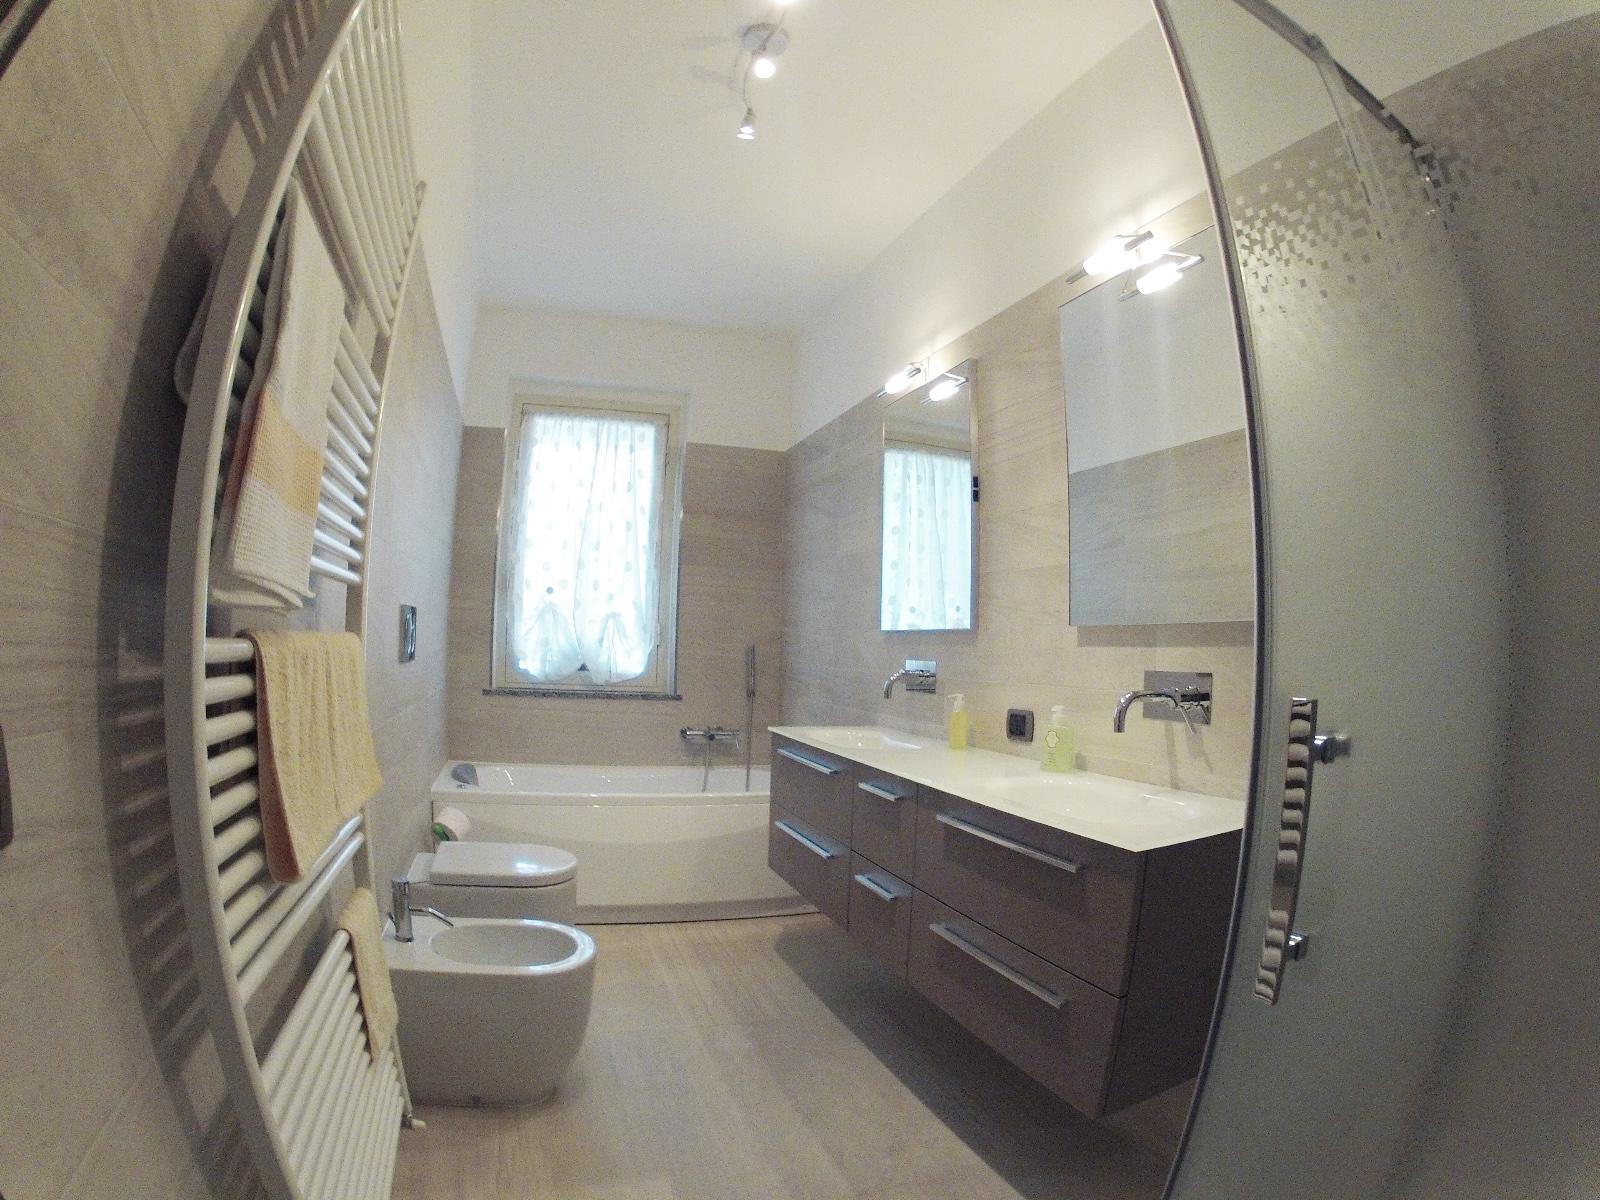 bagno in vetro. baltic lavabo in vetro arredo bagno with bagno in ... - Arredo Bagno Angolare